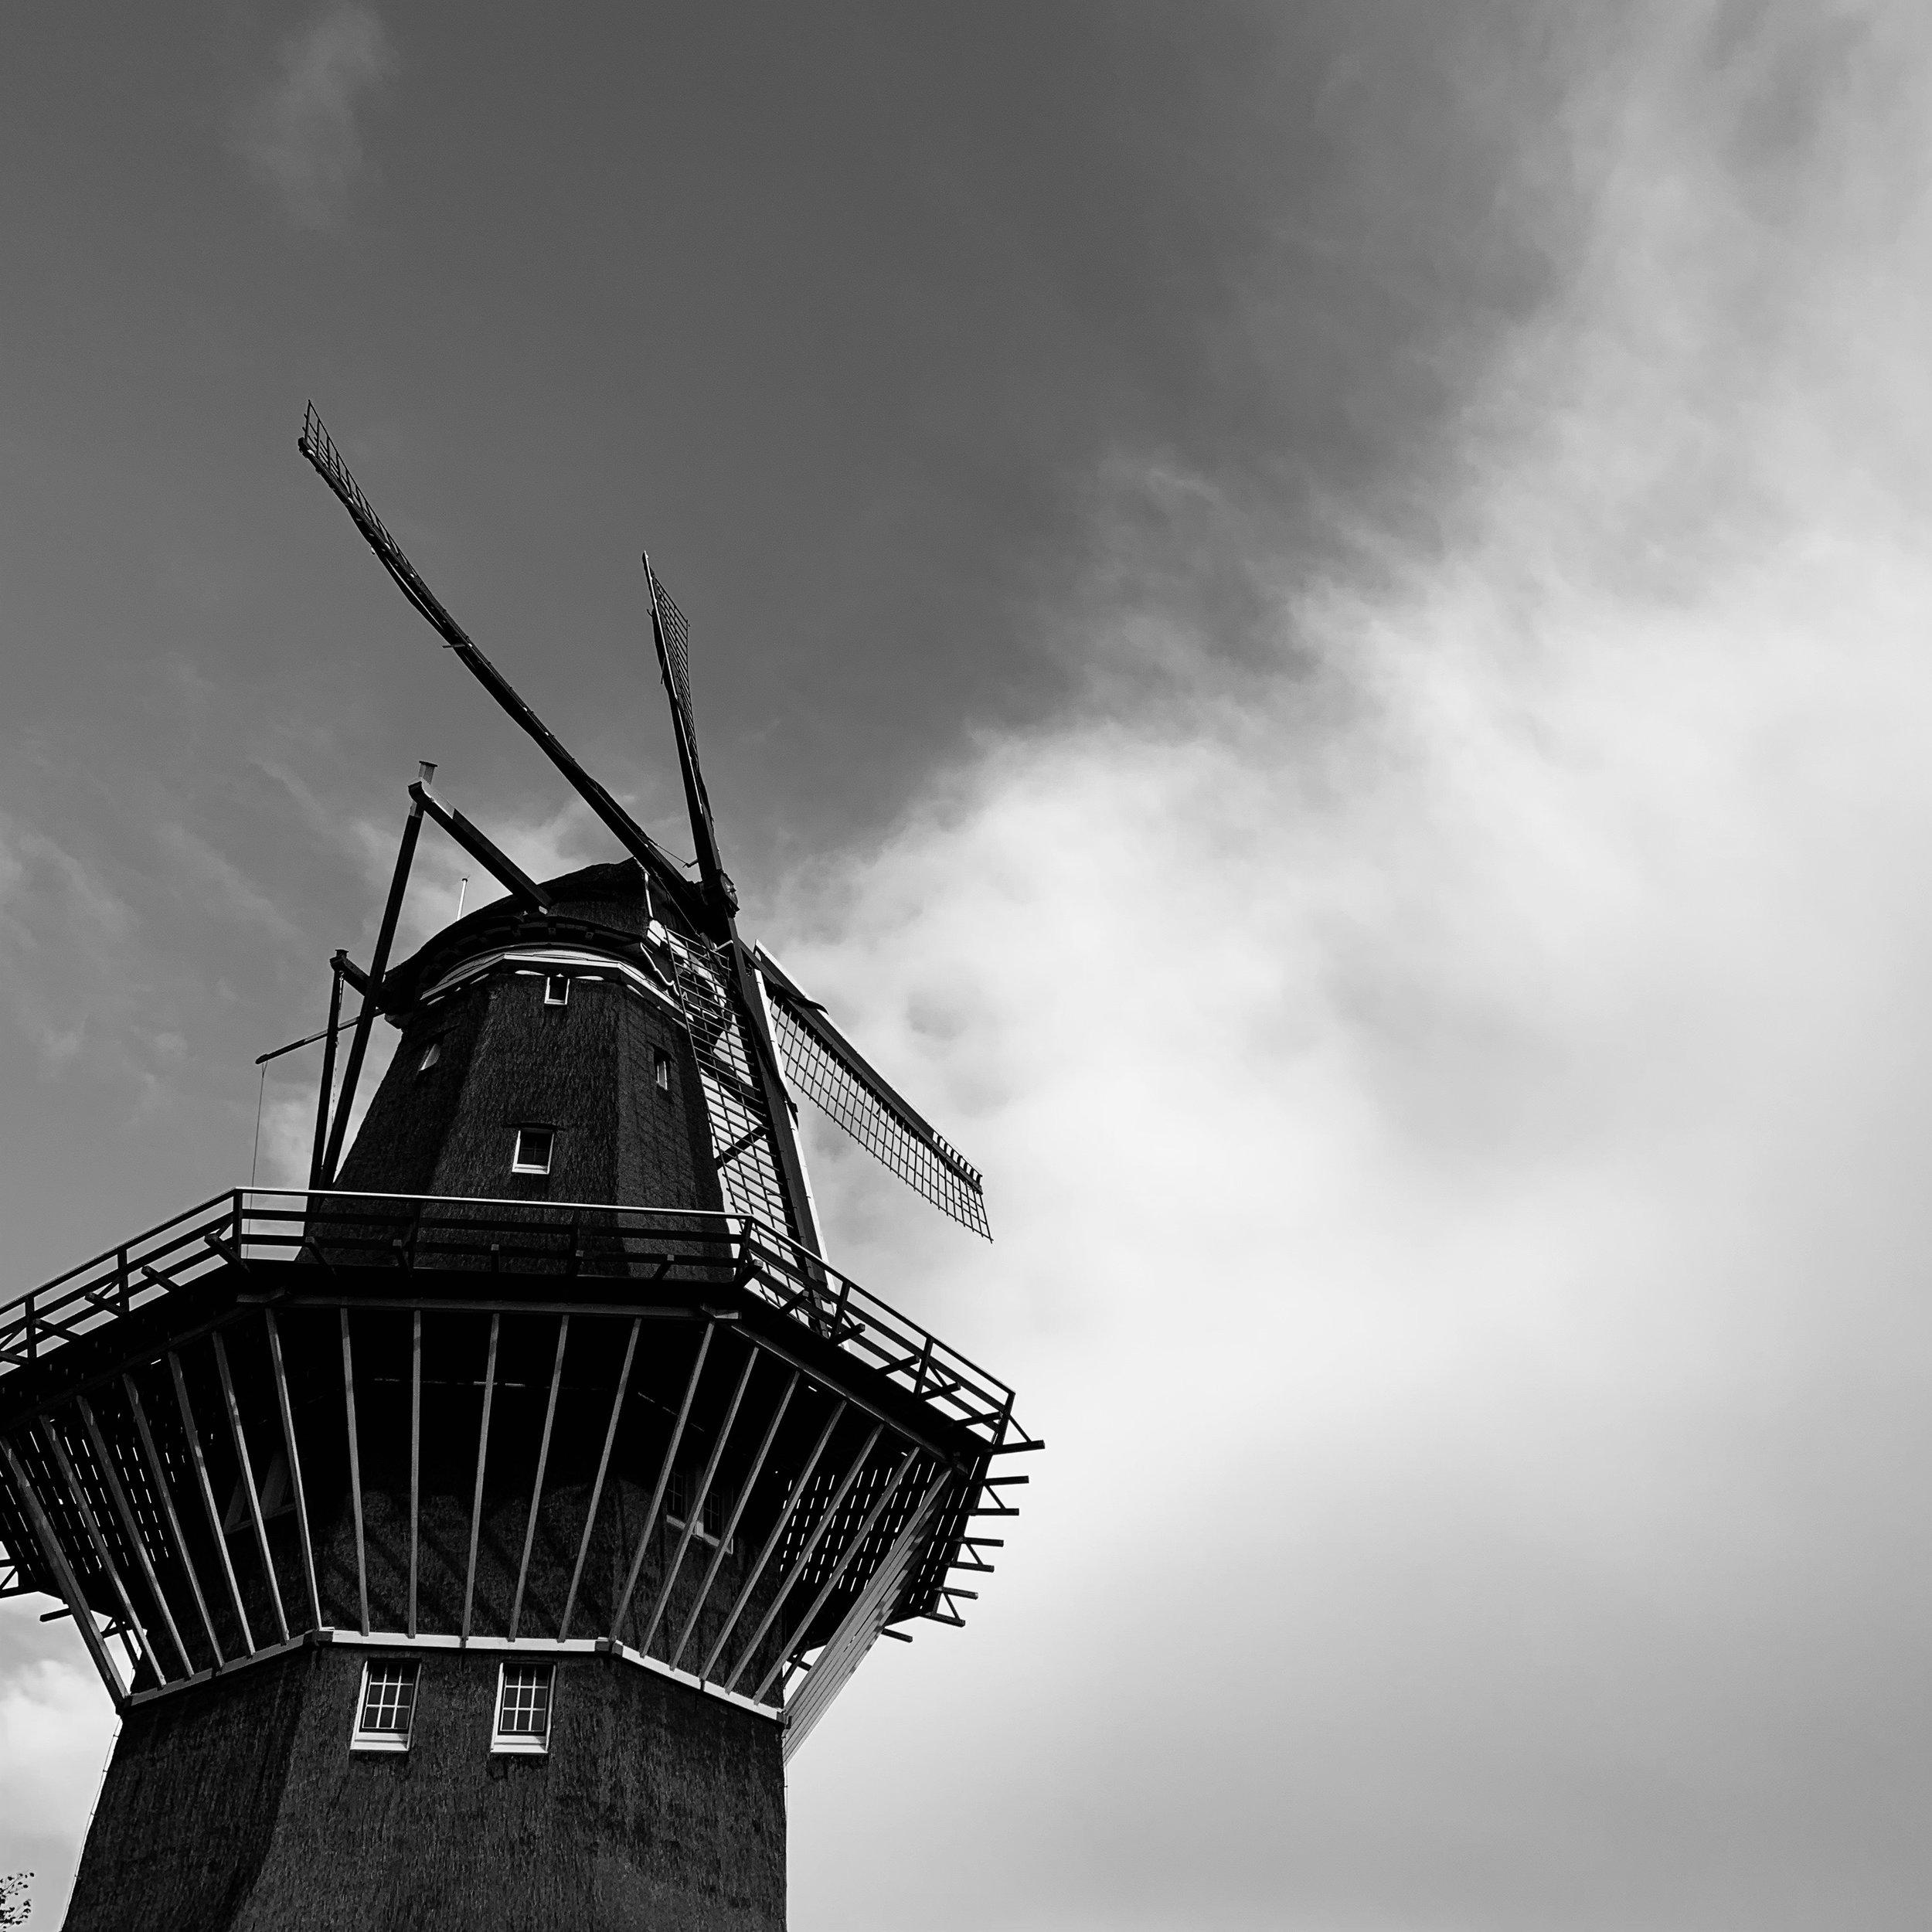 windmill-at-Brouwerij't-IJ.jpeg